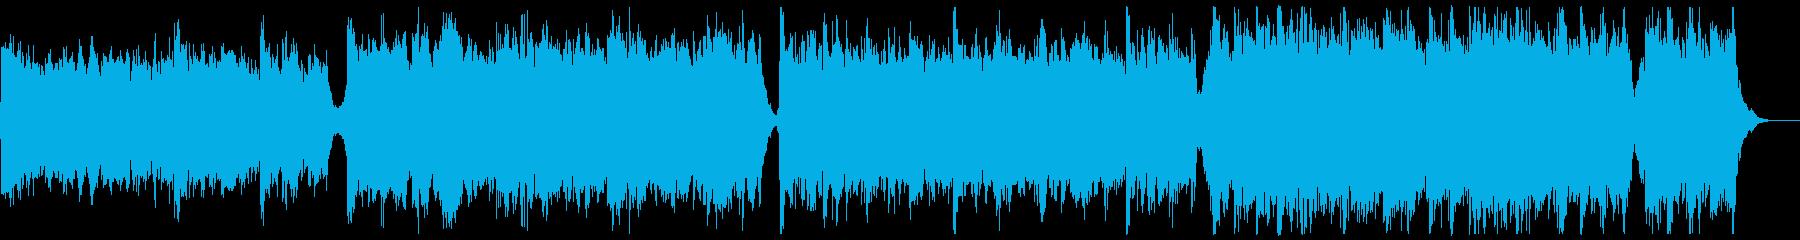 知的なシネマティックピアノの再生済みの波形